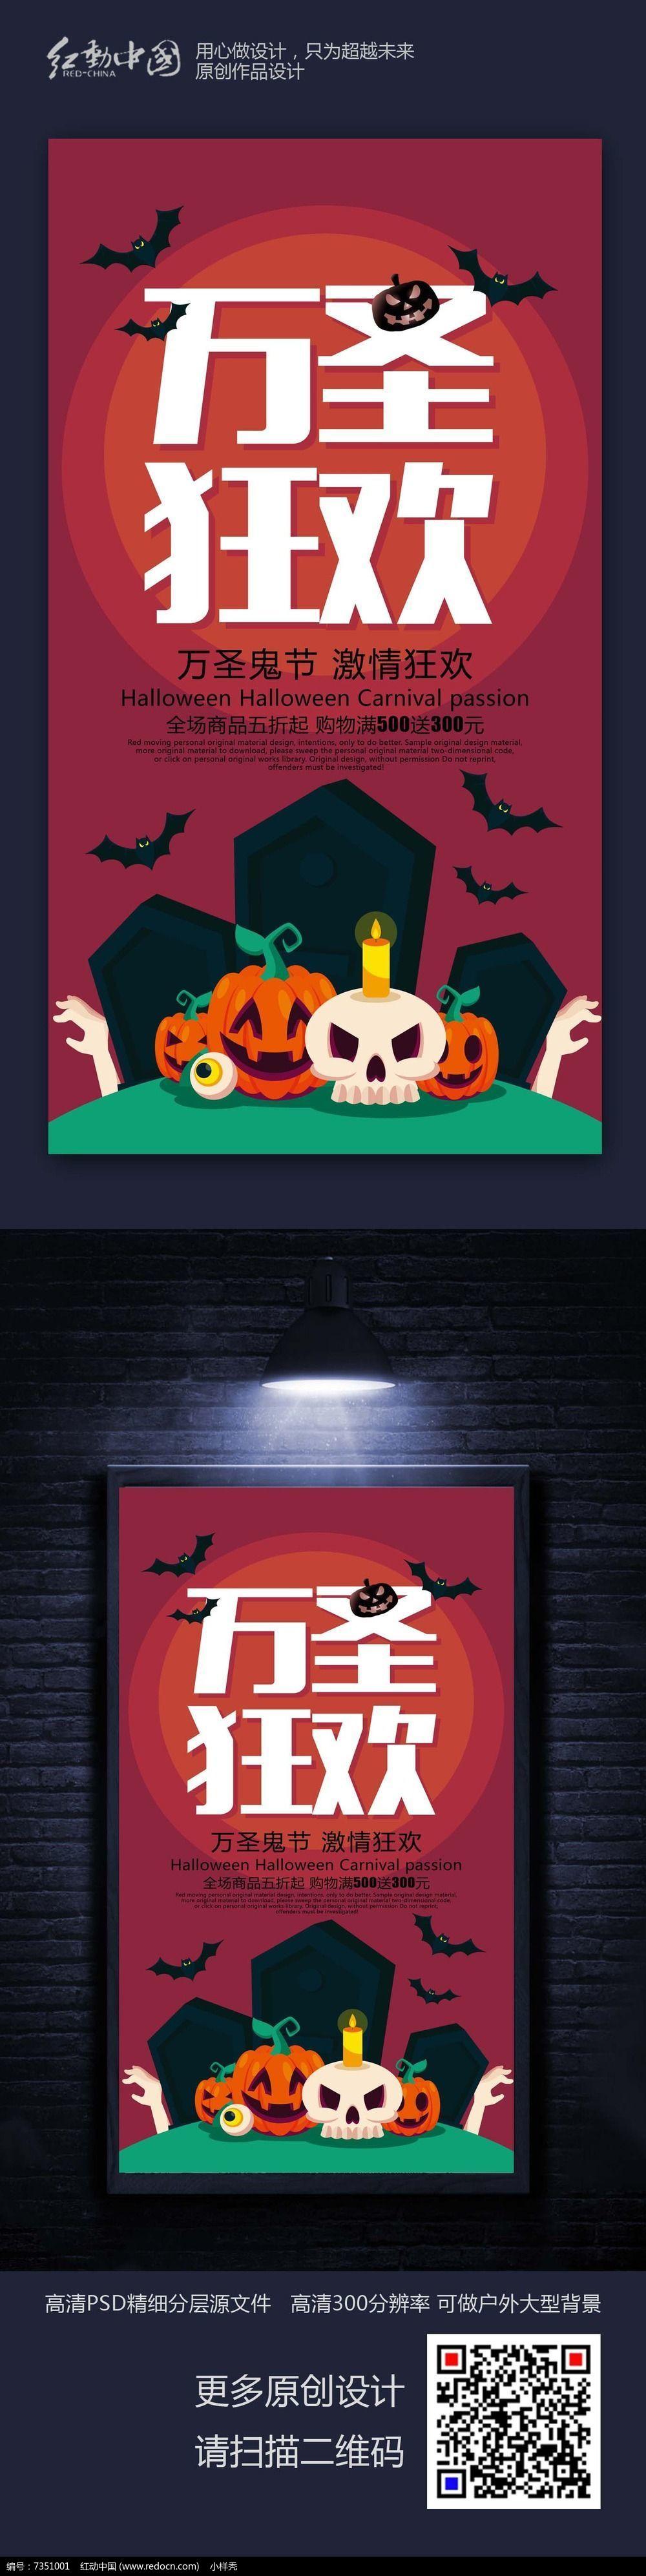 万圣狂欢节狂欢大促销海报设计图片